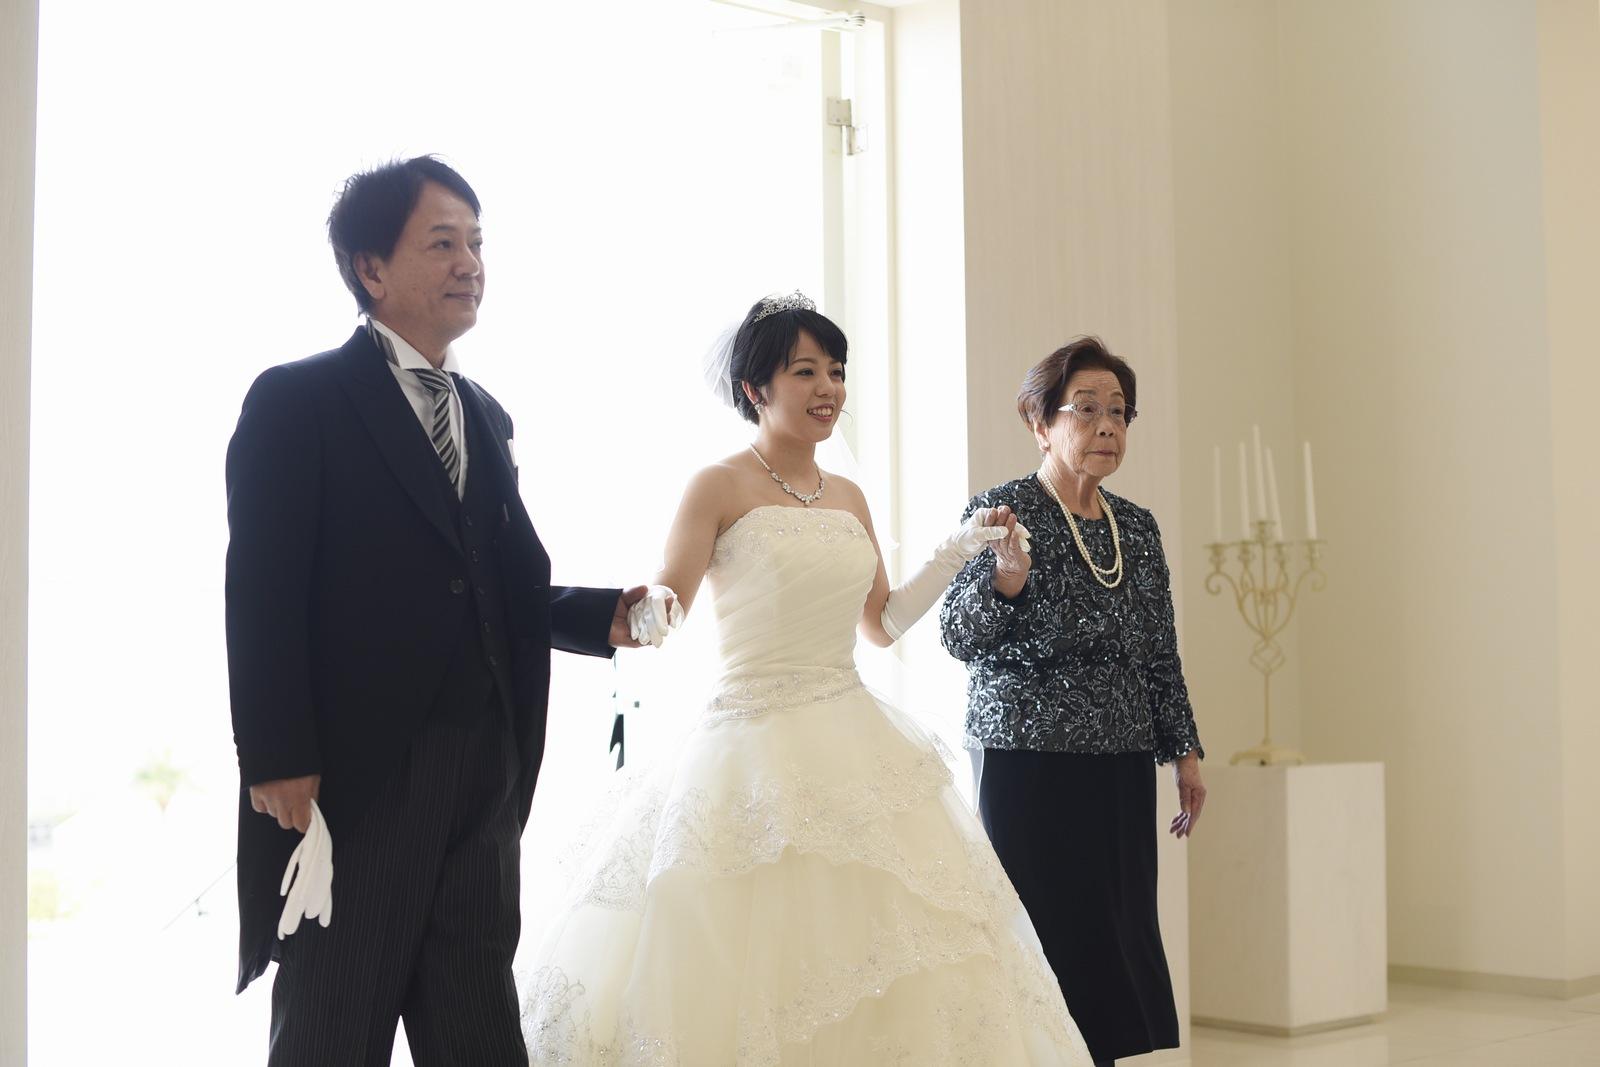 徳島市の結婚式場ブランアンジュのチャペルに入場